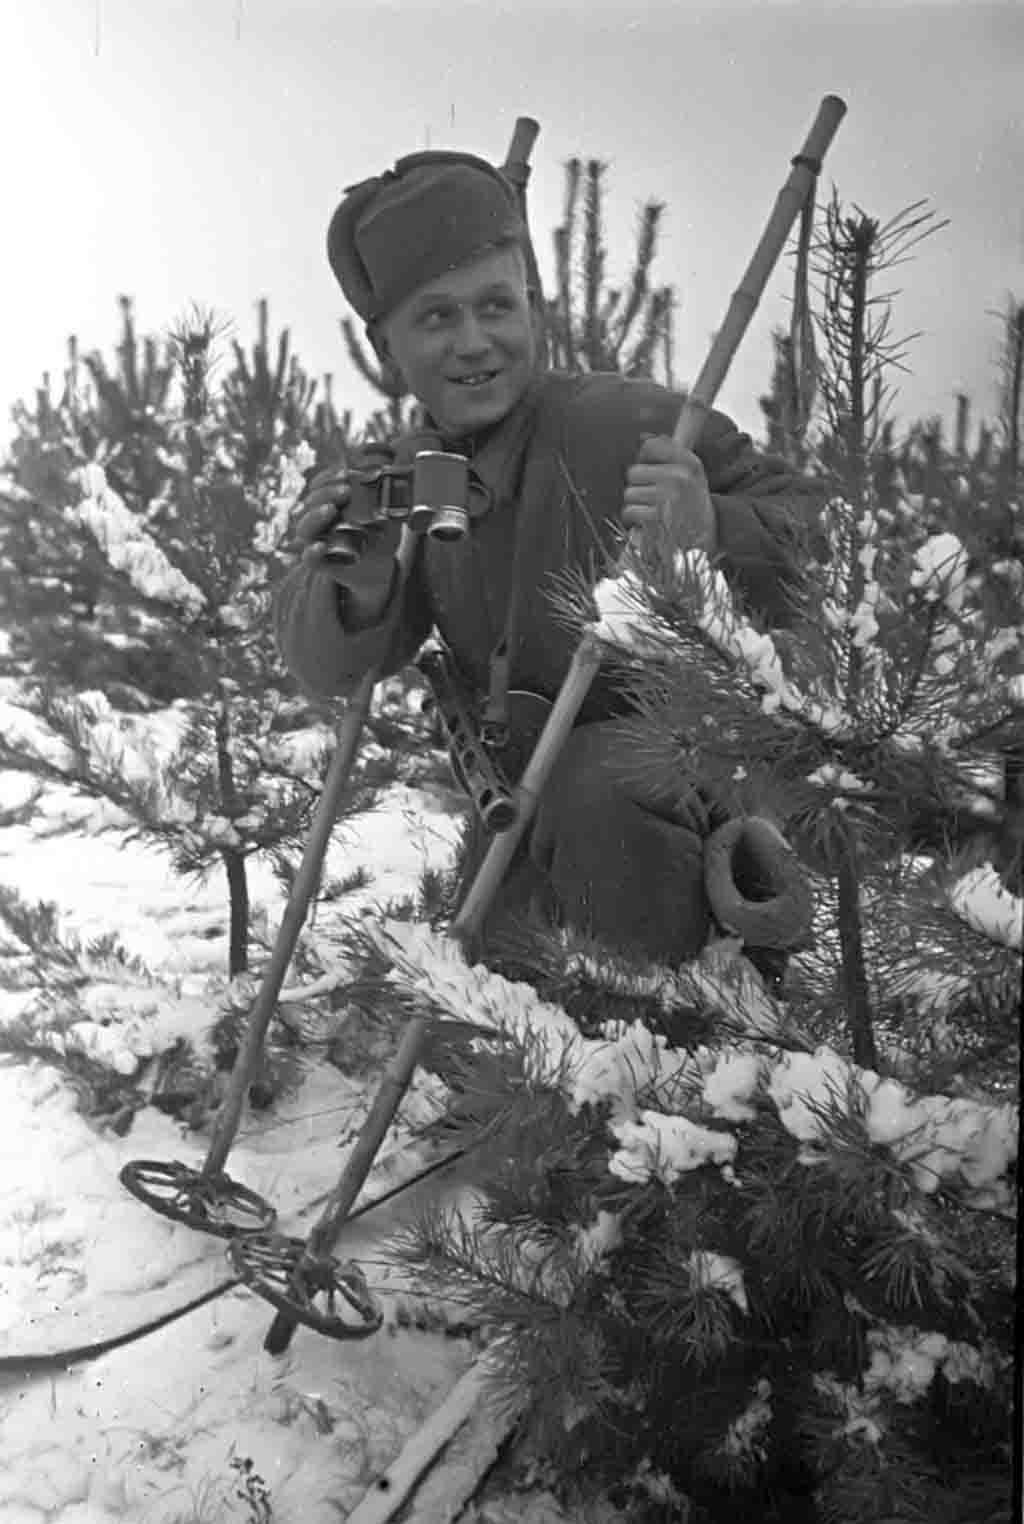 soldier-skier